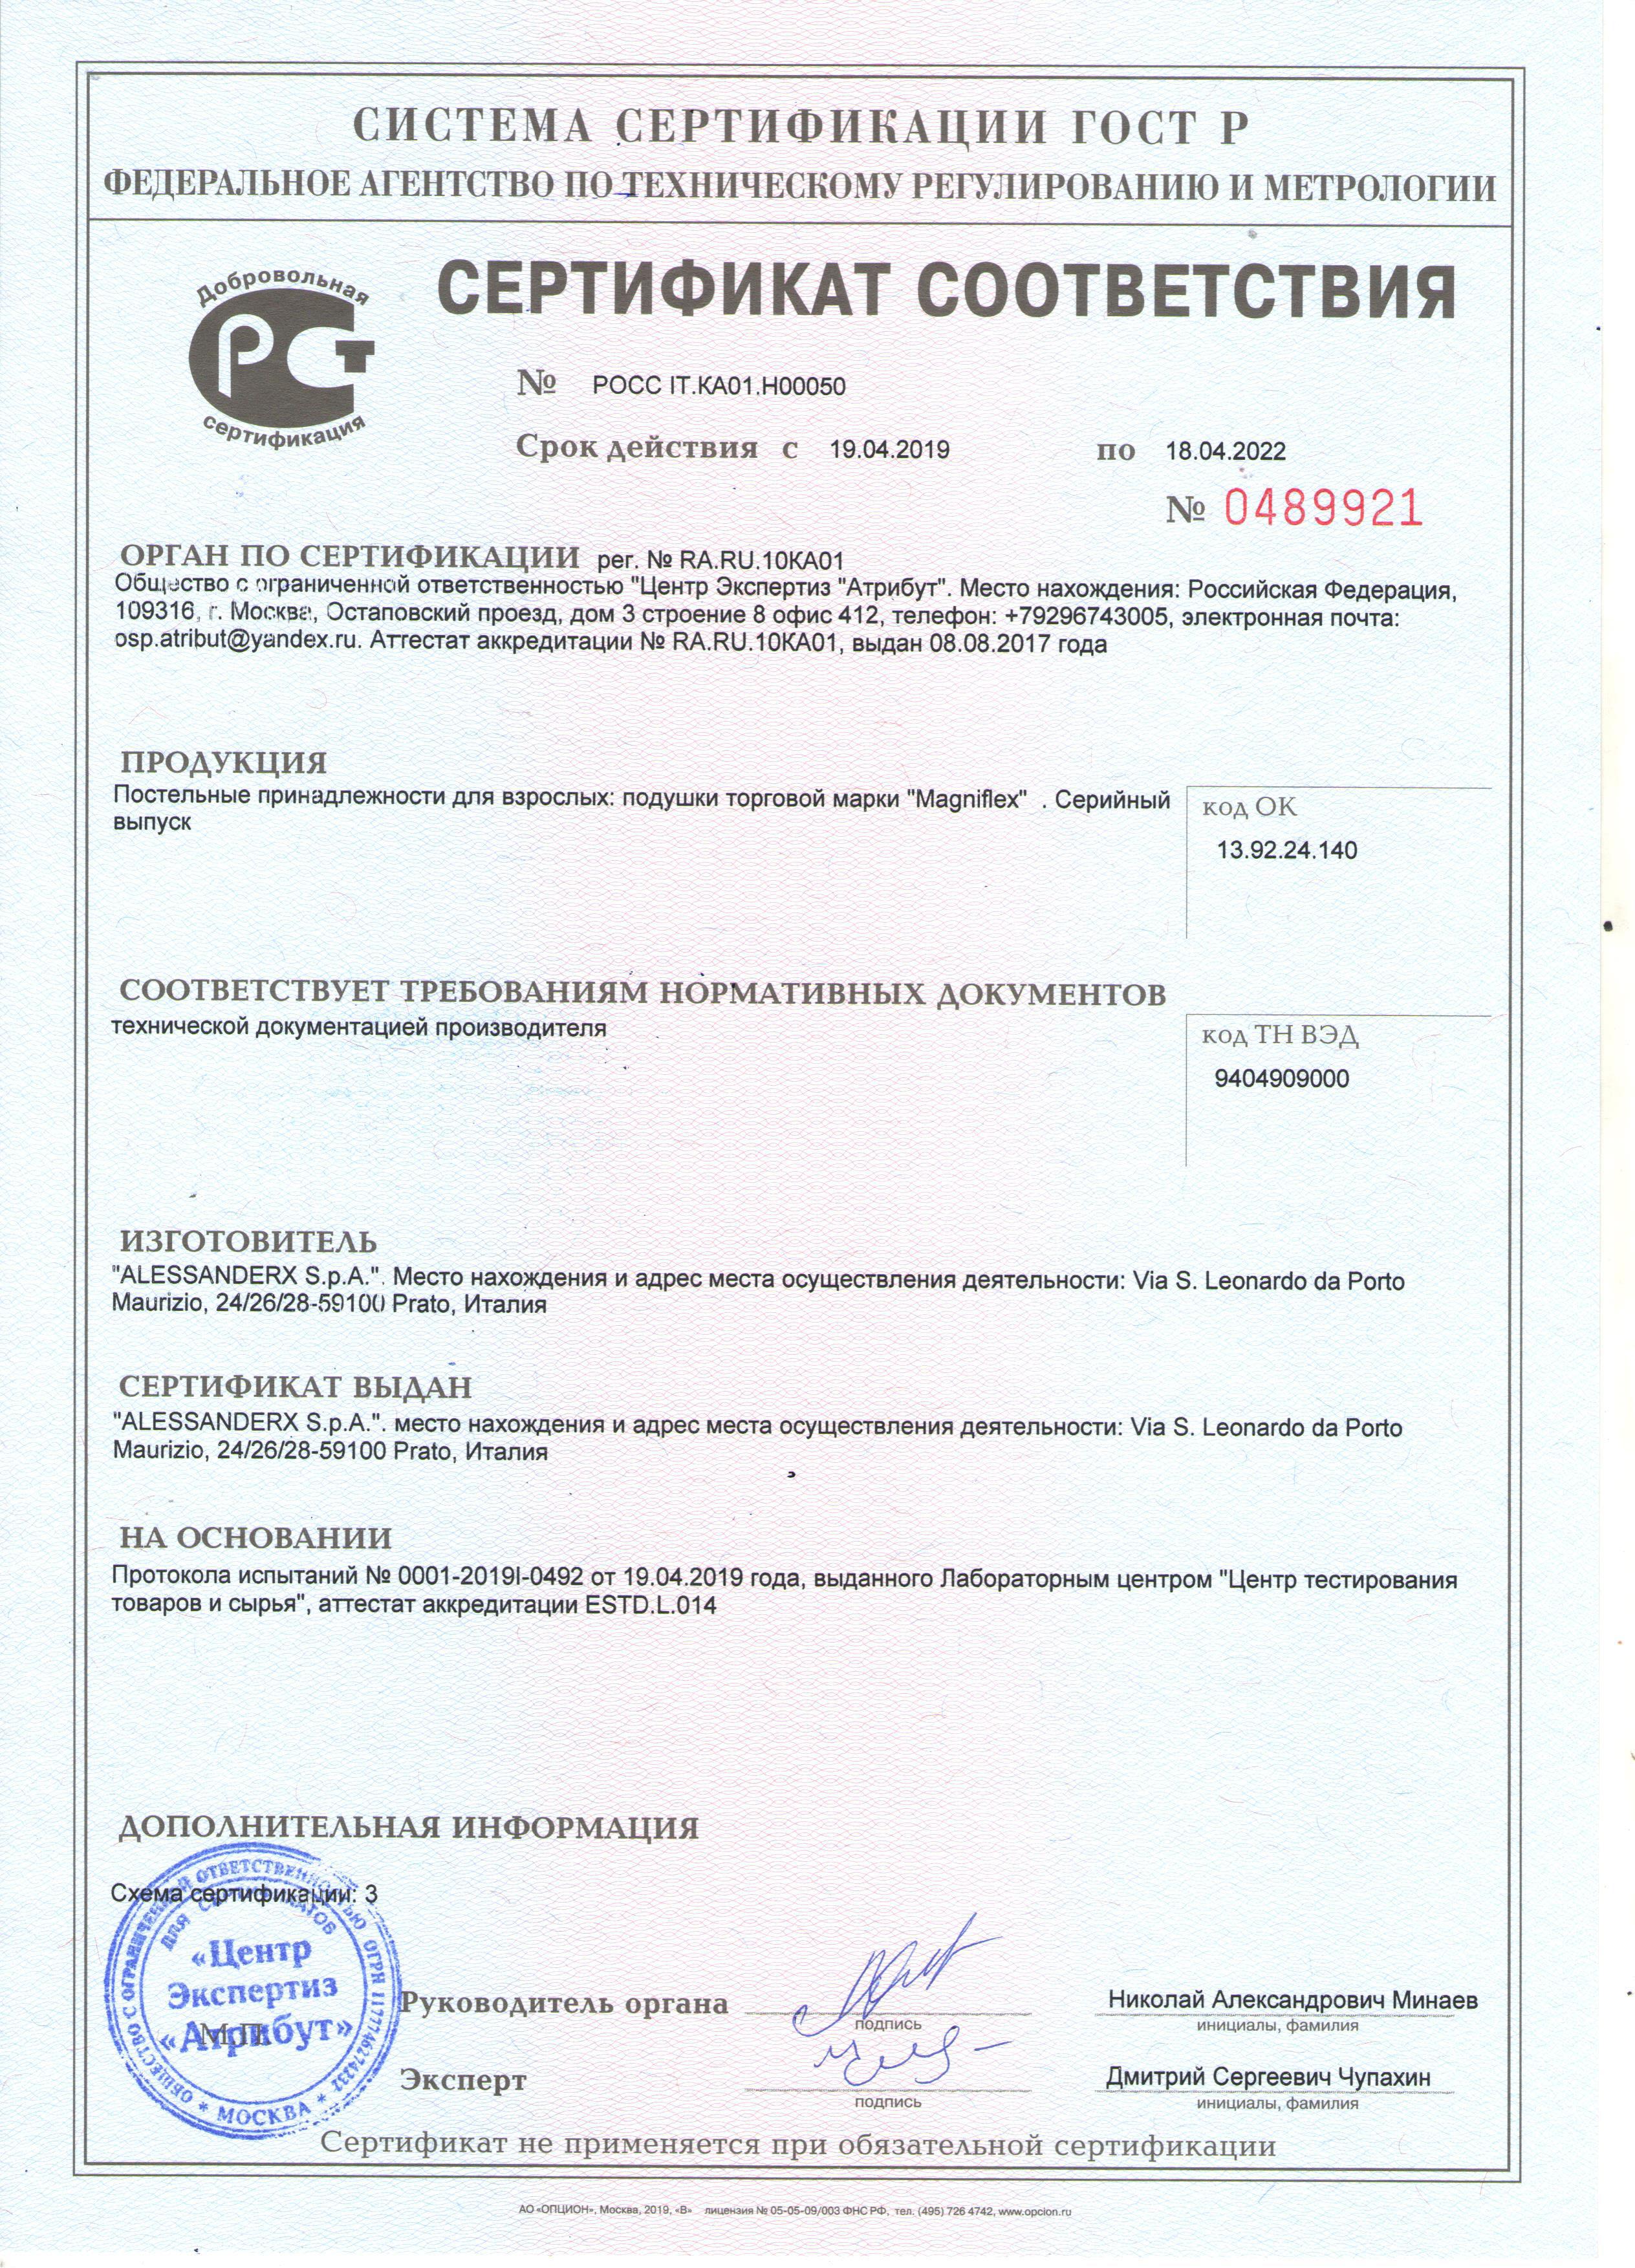 Сертификат соответствия на подушки Magniflex